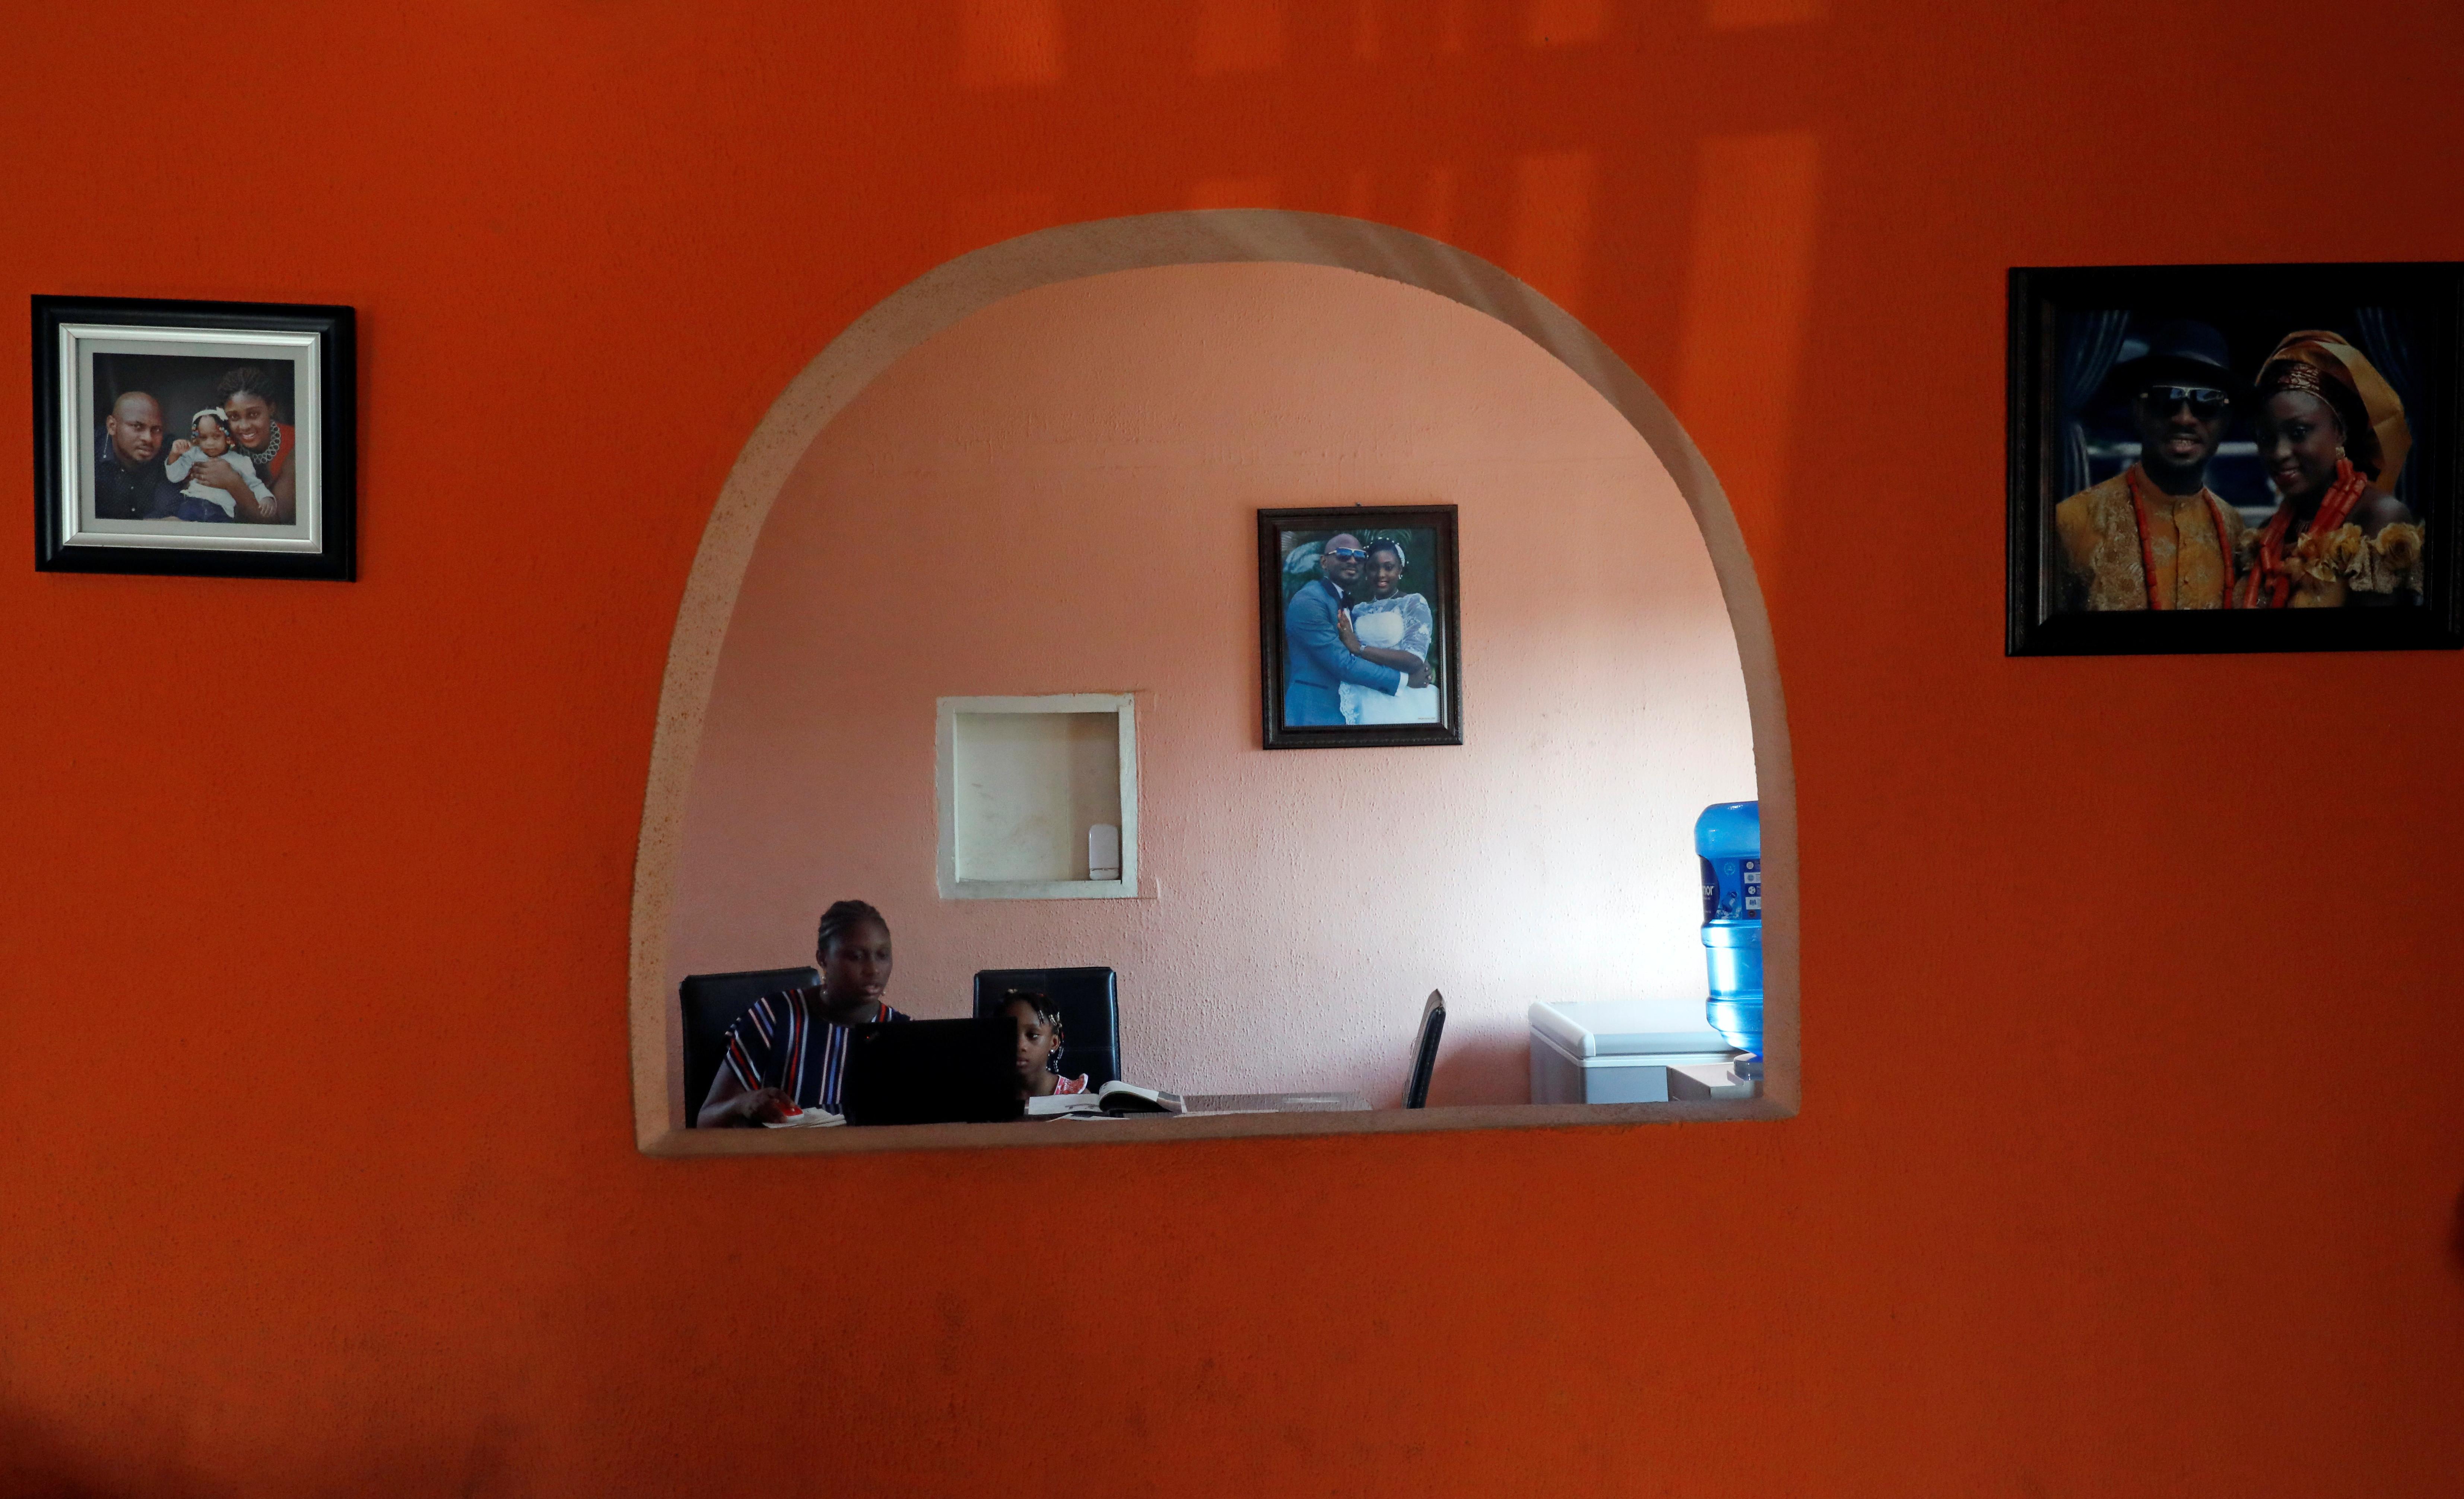 Coronavirus Has Exposed The Education Divide In Nigeria World Economic Forum